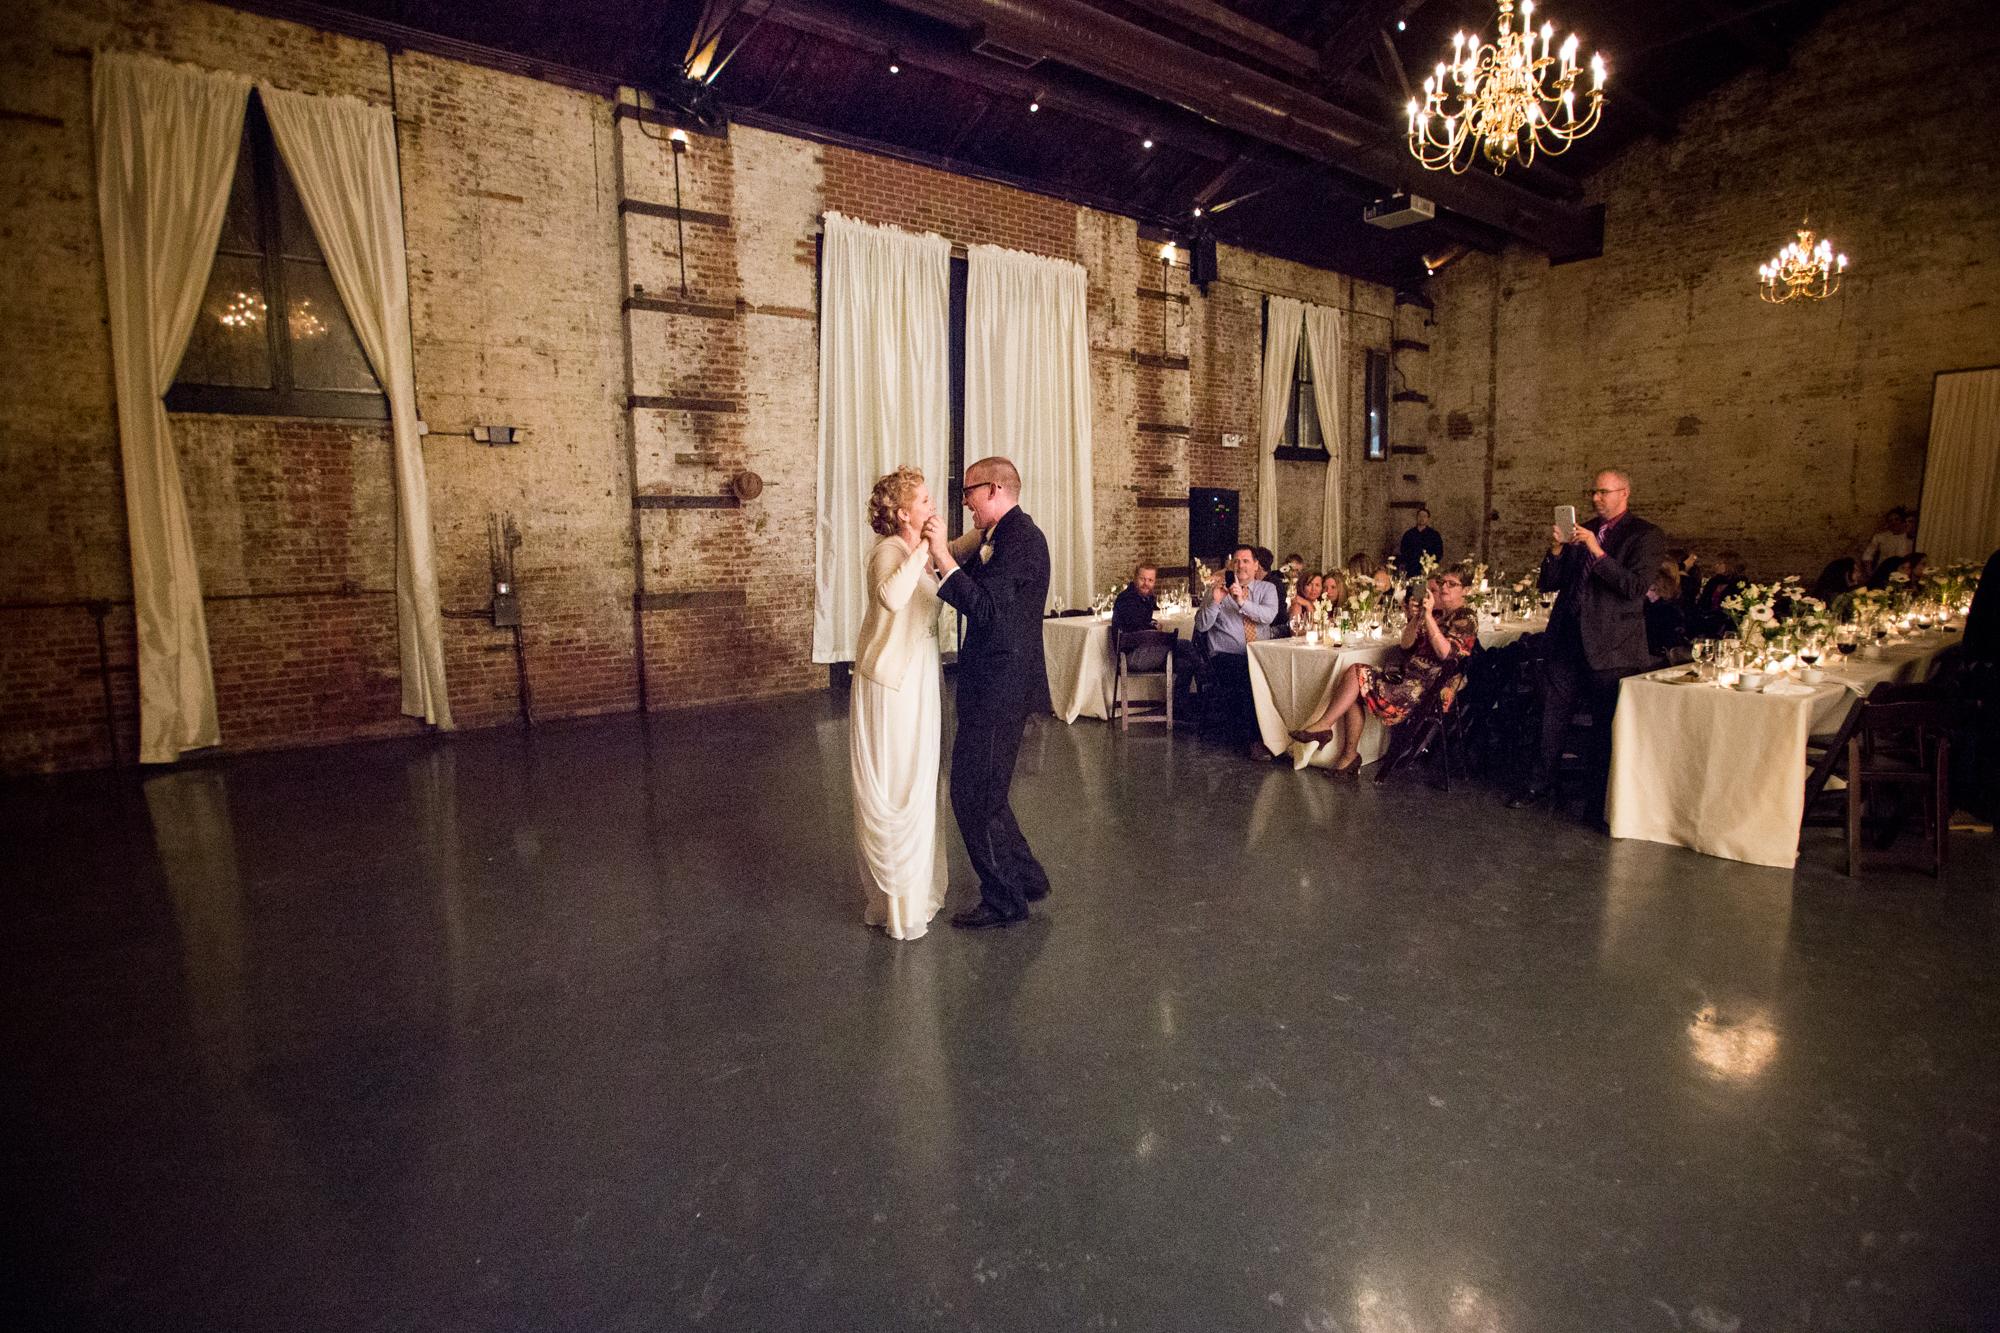 HeatherPhelpsLipton-Modern-WeddingPhotography-GreenBuilding-winter-prospectpark-4-2.jpg